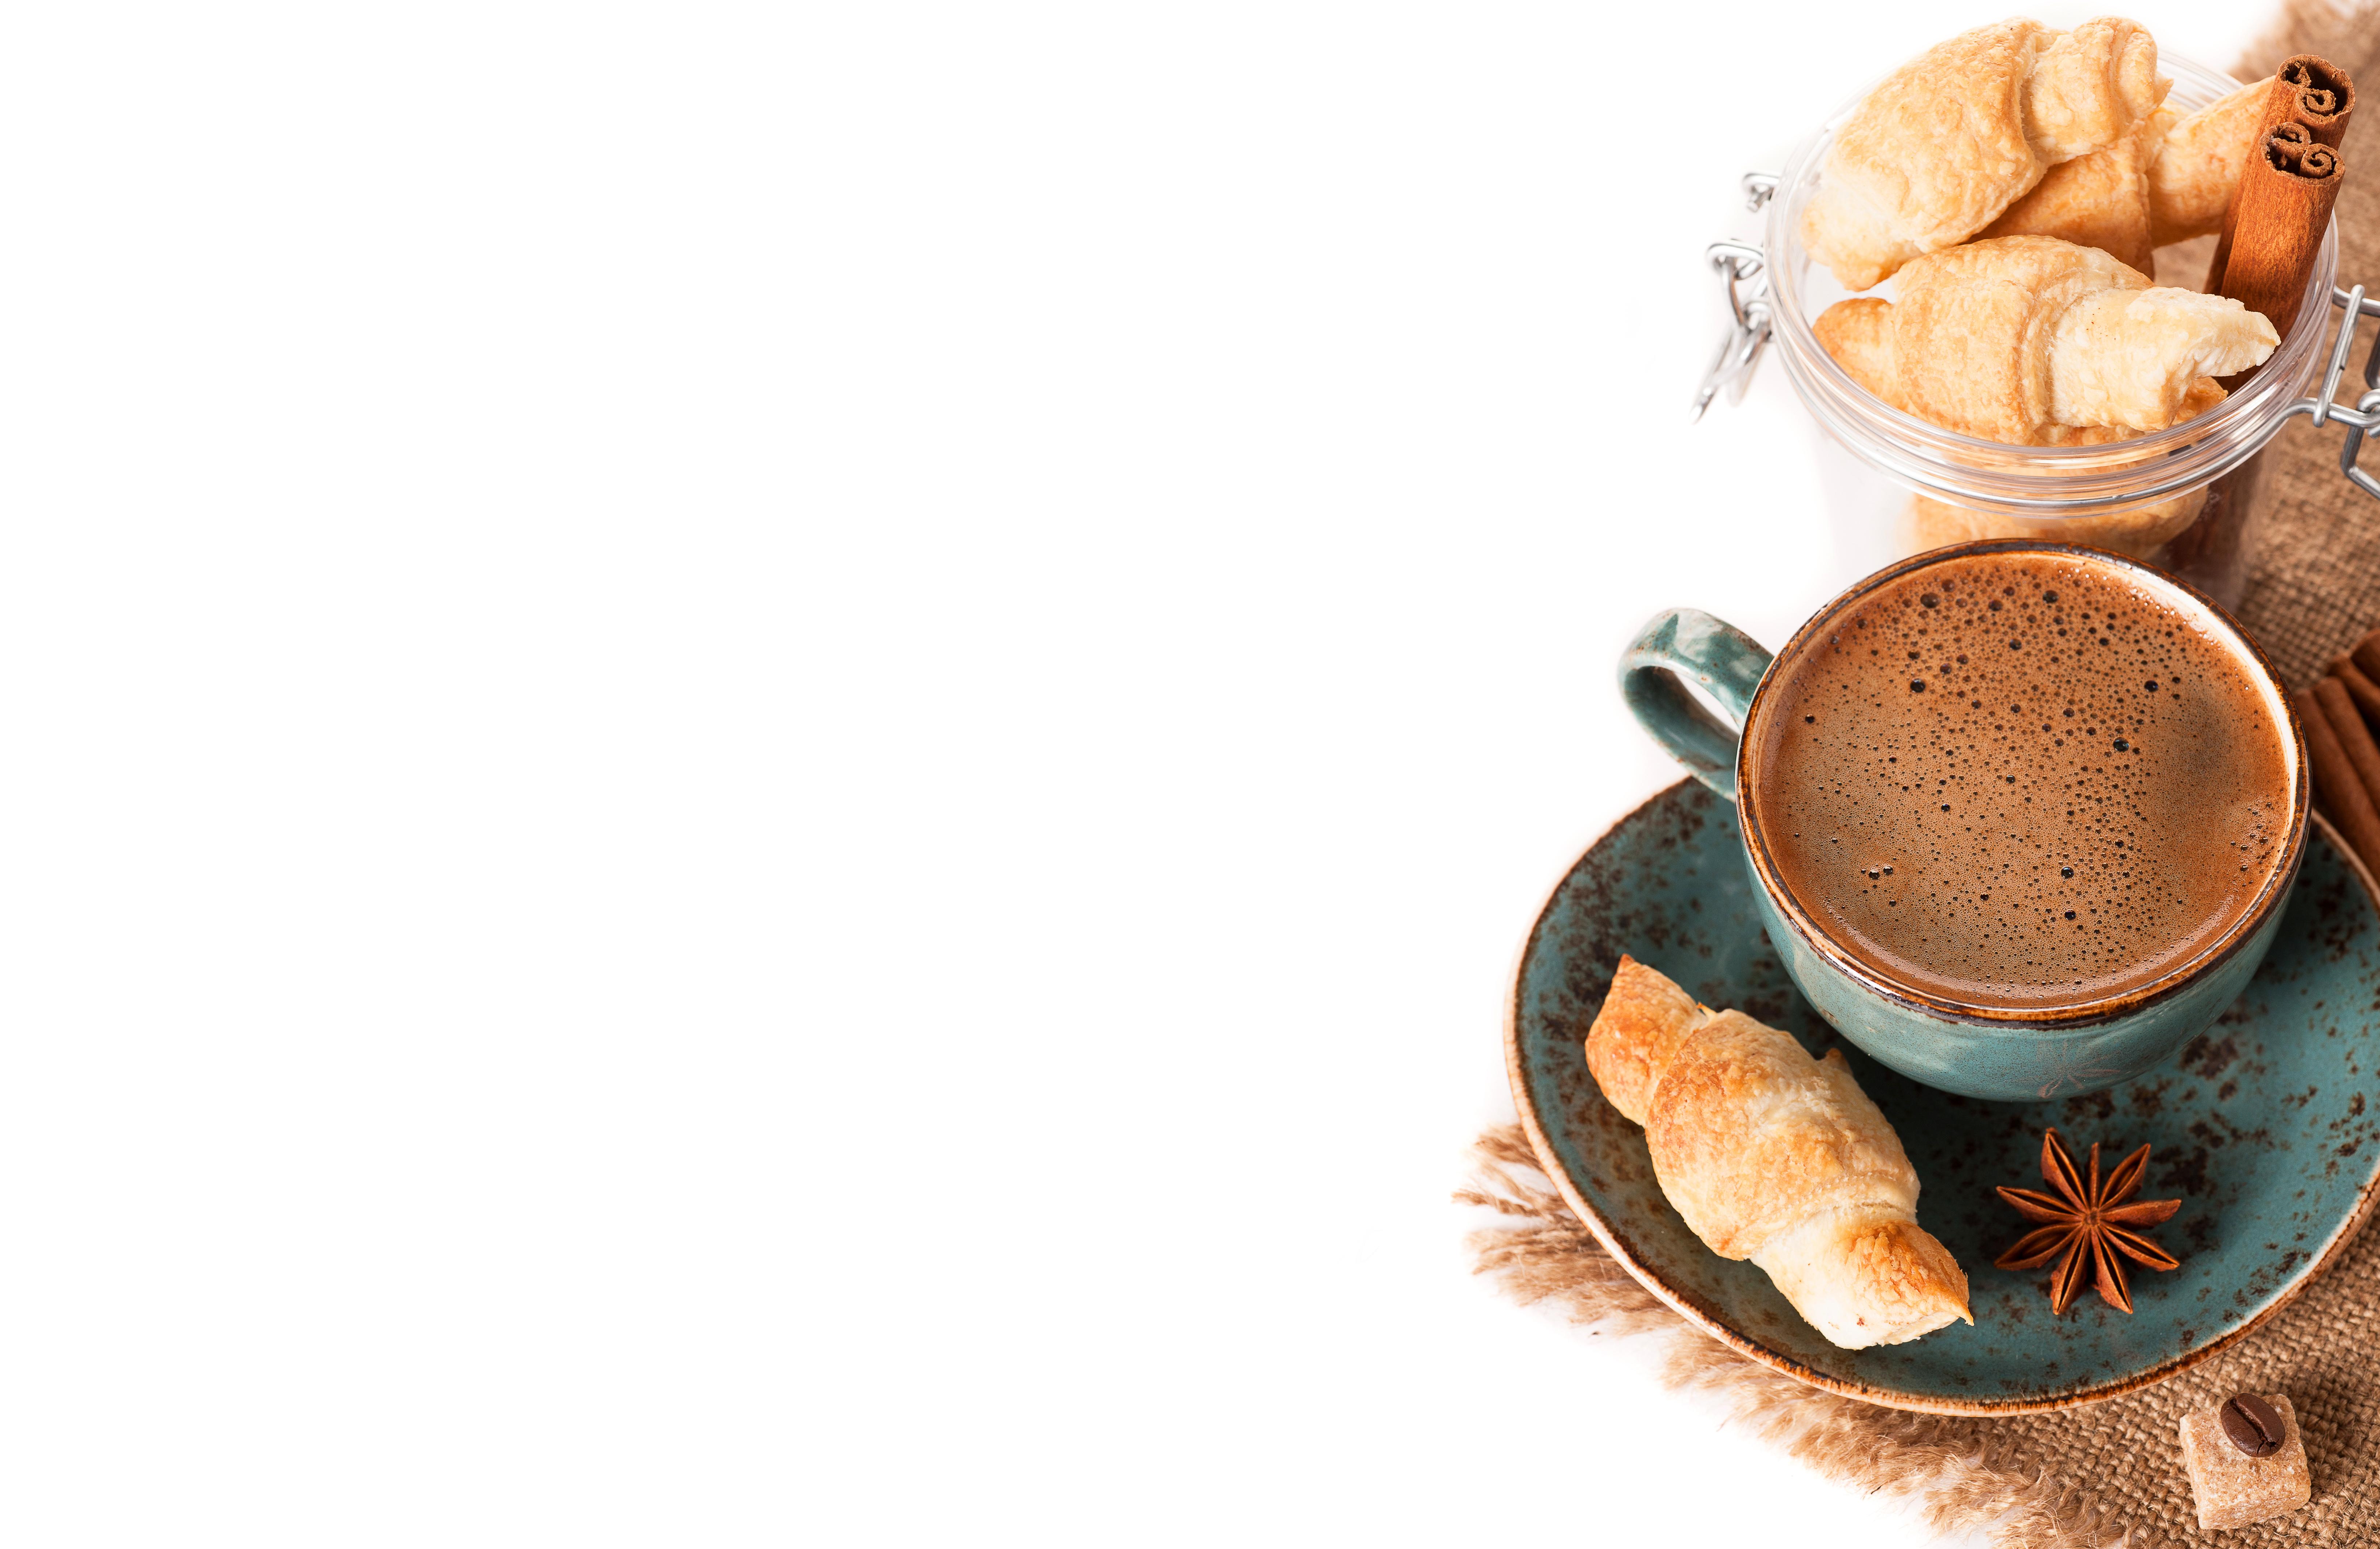 кофе рисунок ель еда  № 3256867 без смс